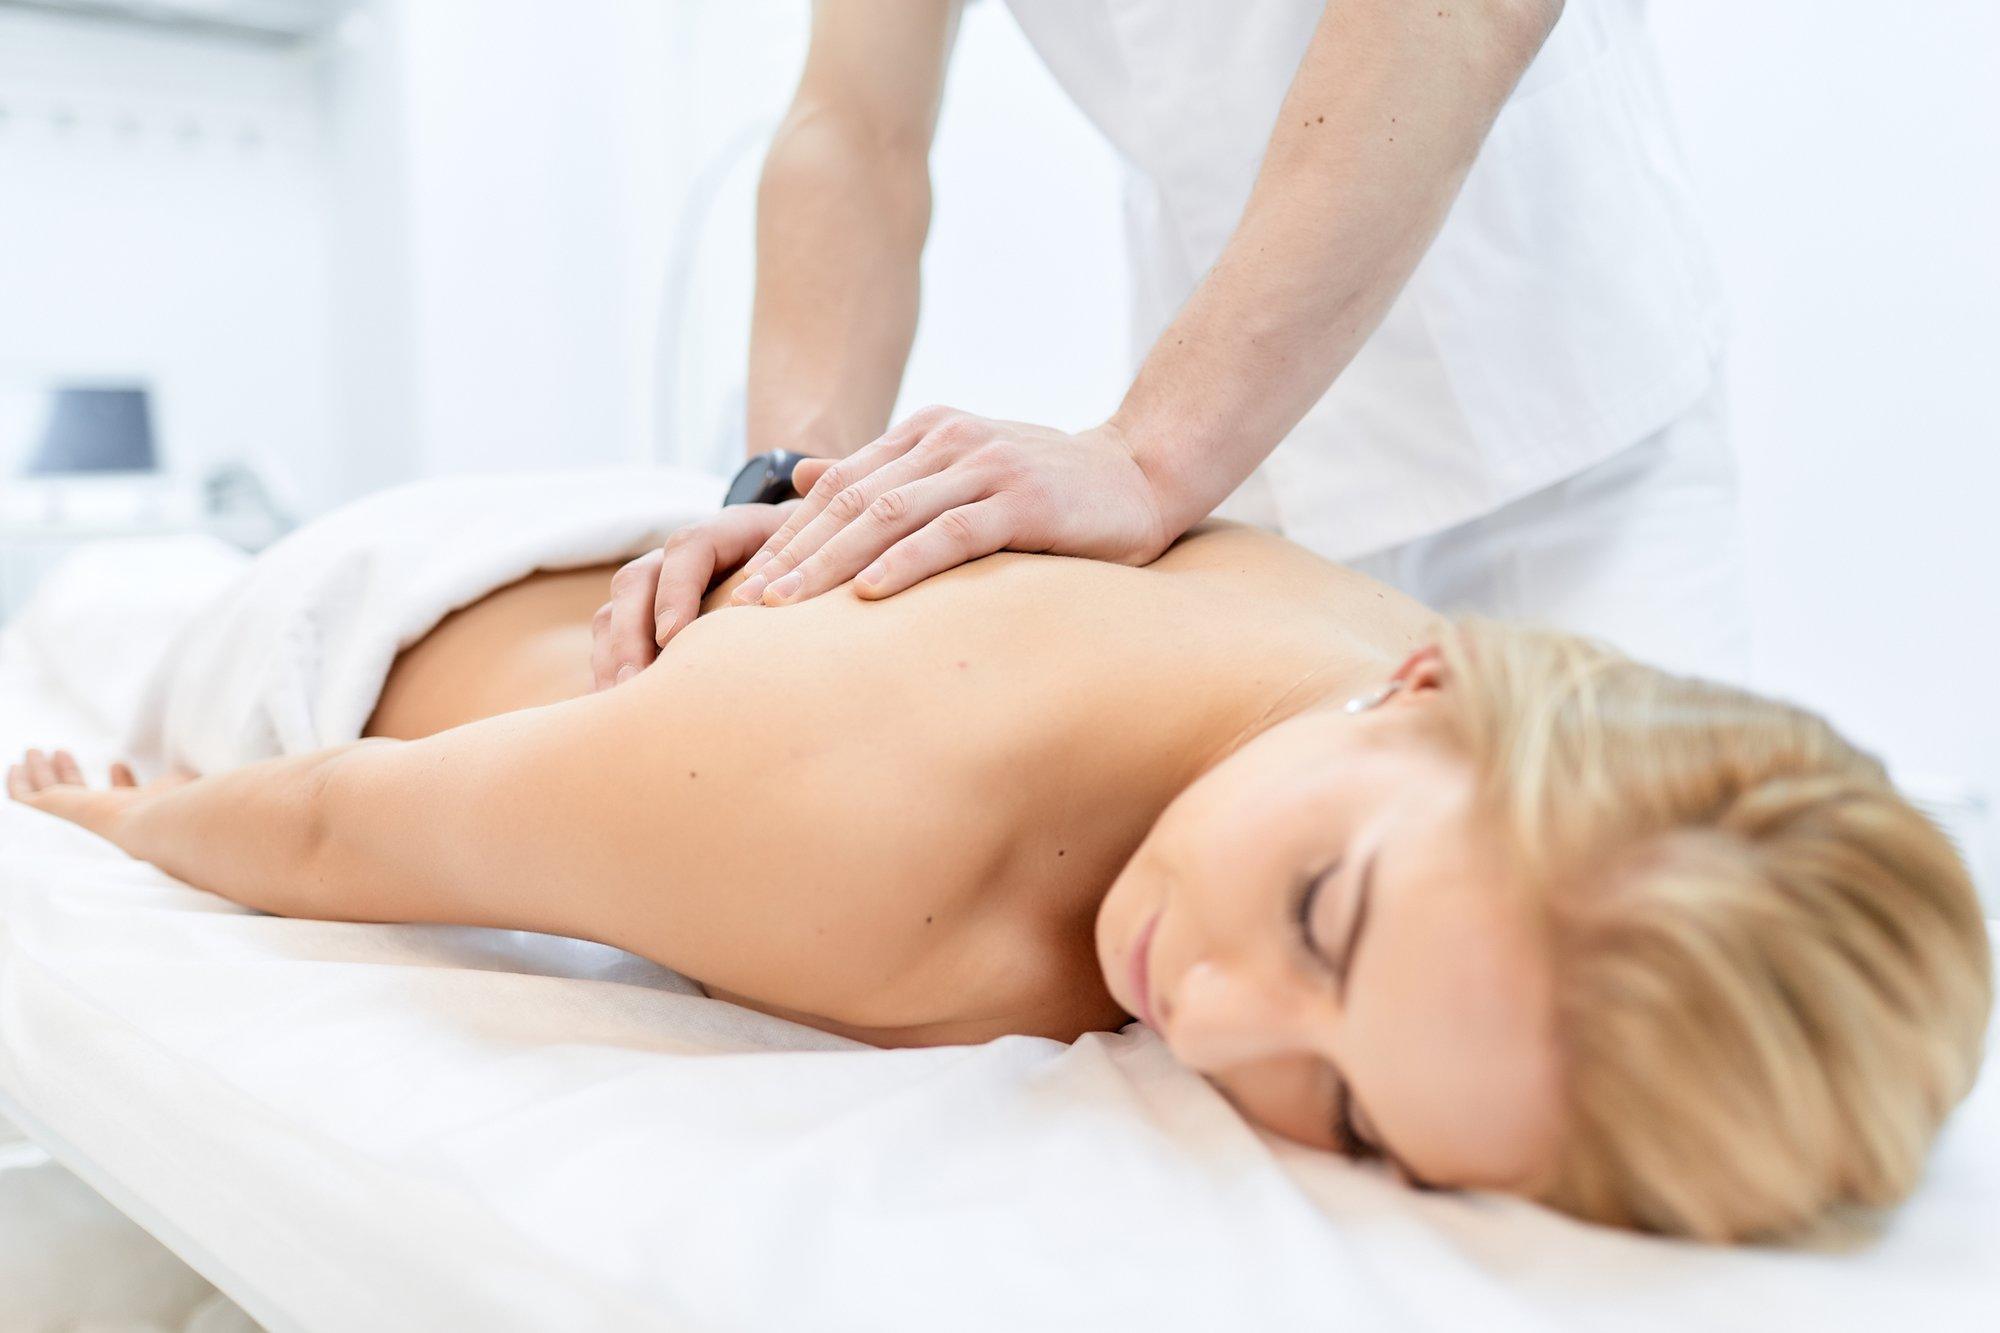 Остеопат: кто это и что делает. нетрадиционные подходы в медицине